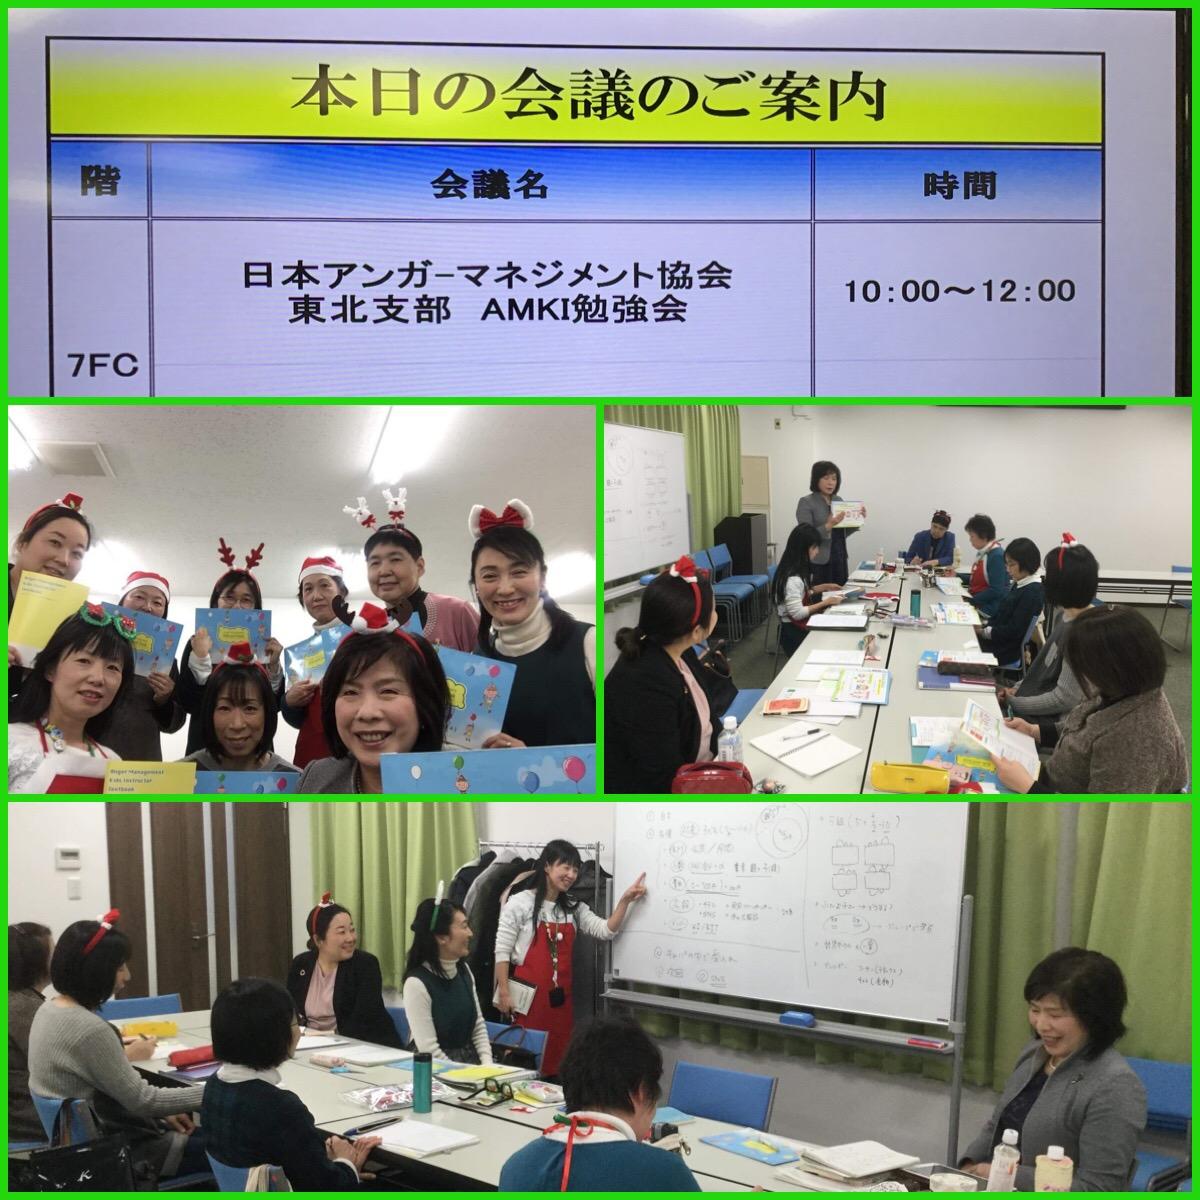 日本アンガーマネジメント協会勉強会